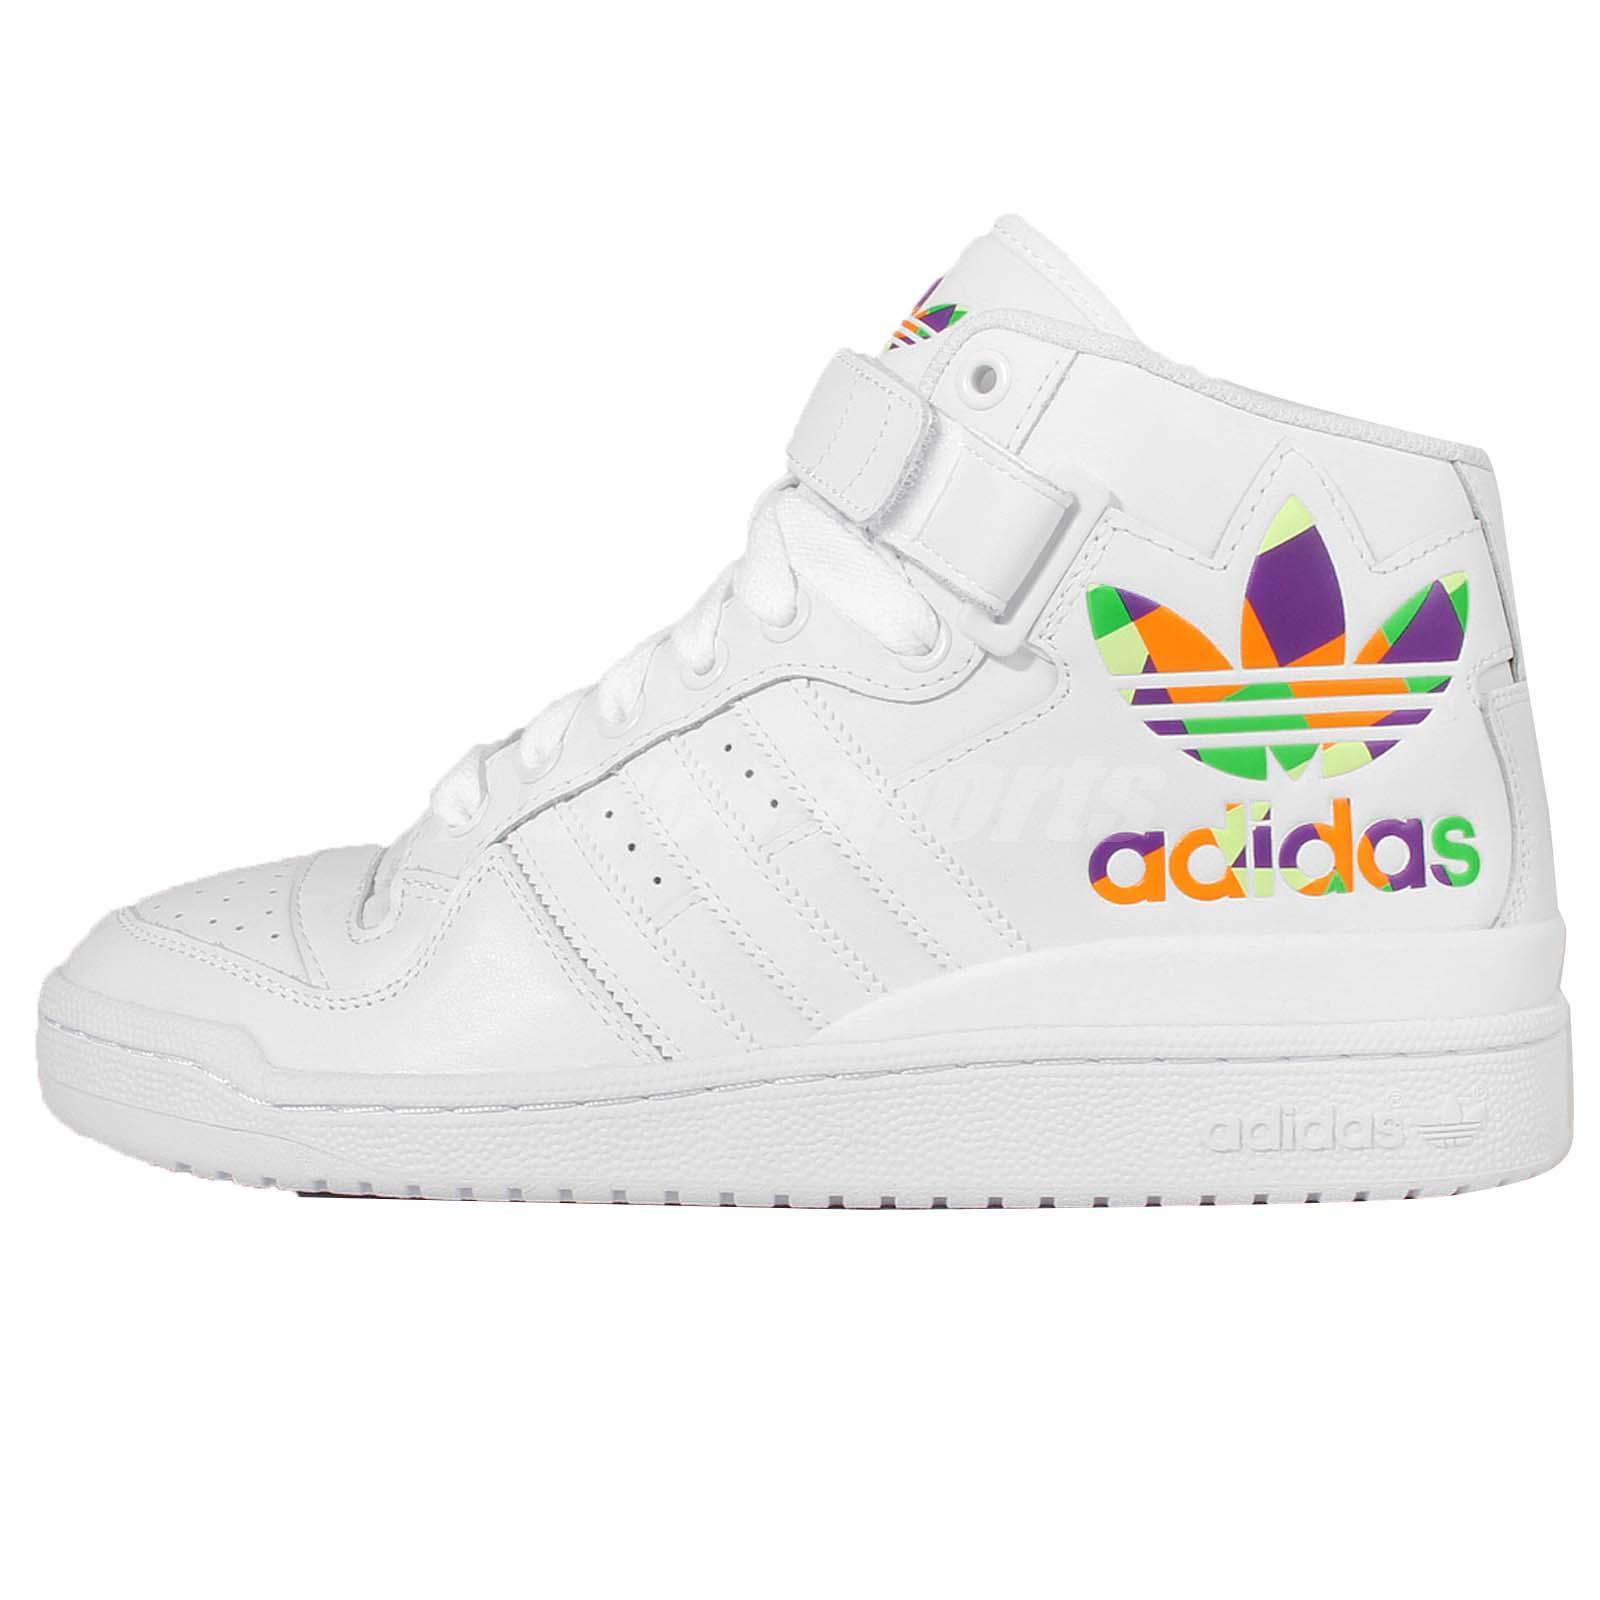 quality design 0093d e5b4e ... low price adidas originals forum mid rs xlwhite multi color mens casual  shoes aq3180 fd3c1 66490